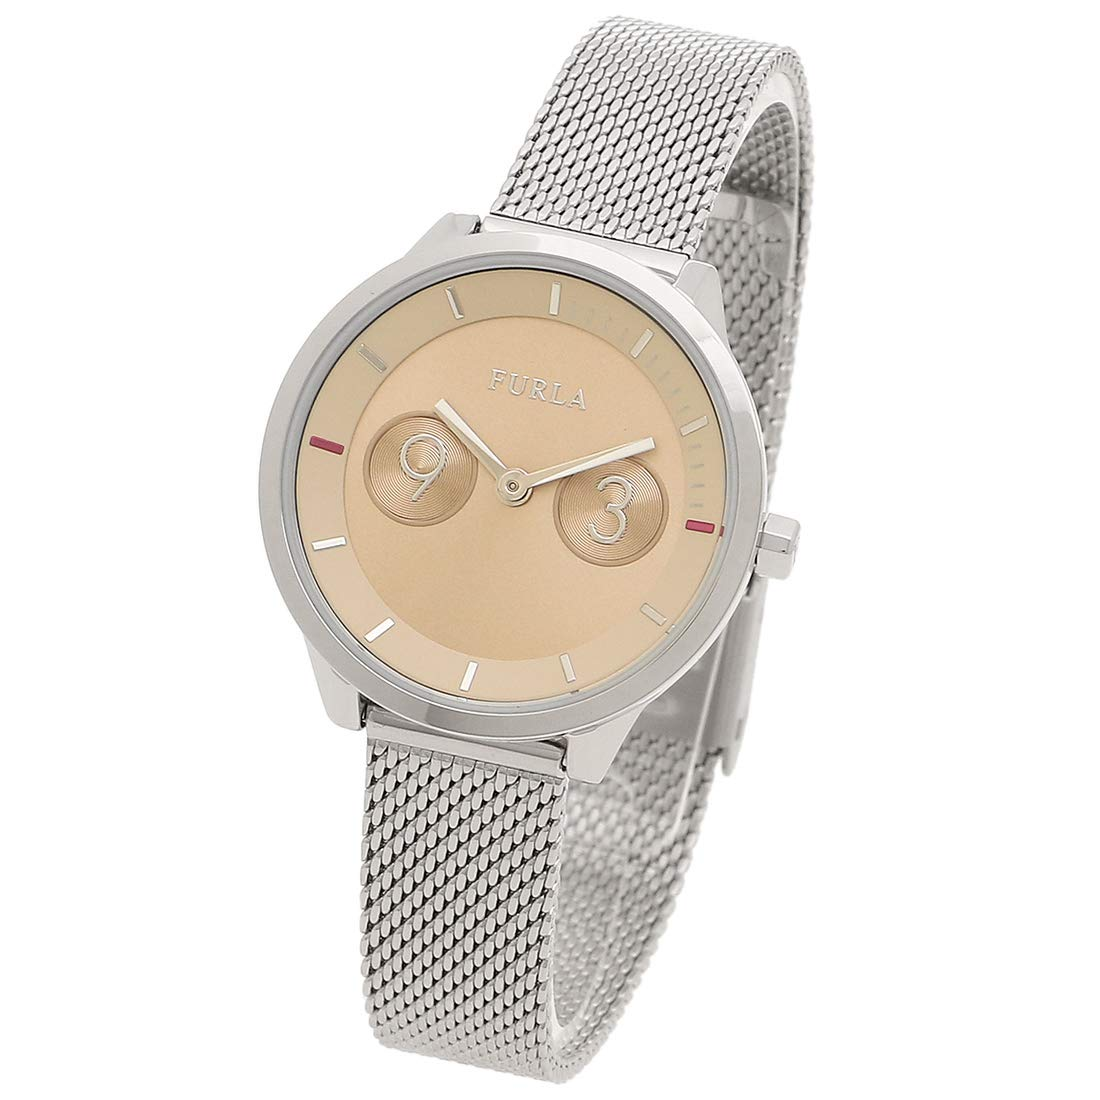 3dd0c1797b62 Amazon | [フルラ]腕時計 レディース FURLA 996303 W486 I49 LC4 シルバー キャメル [並行輸入品] | 並行輸入品 ・逆輸入品・中古品(レディース) | 腕時計 通販